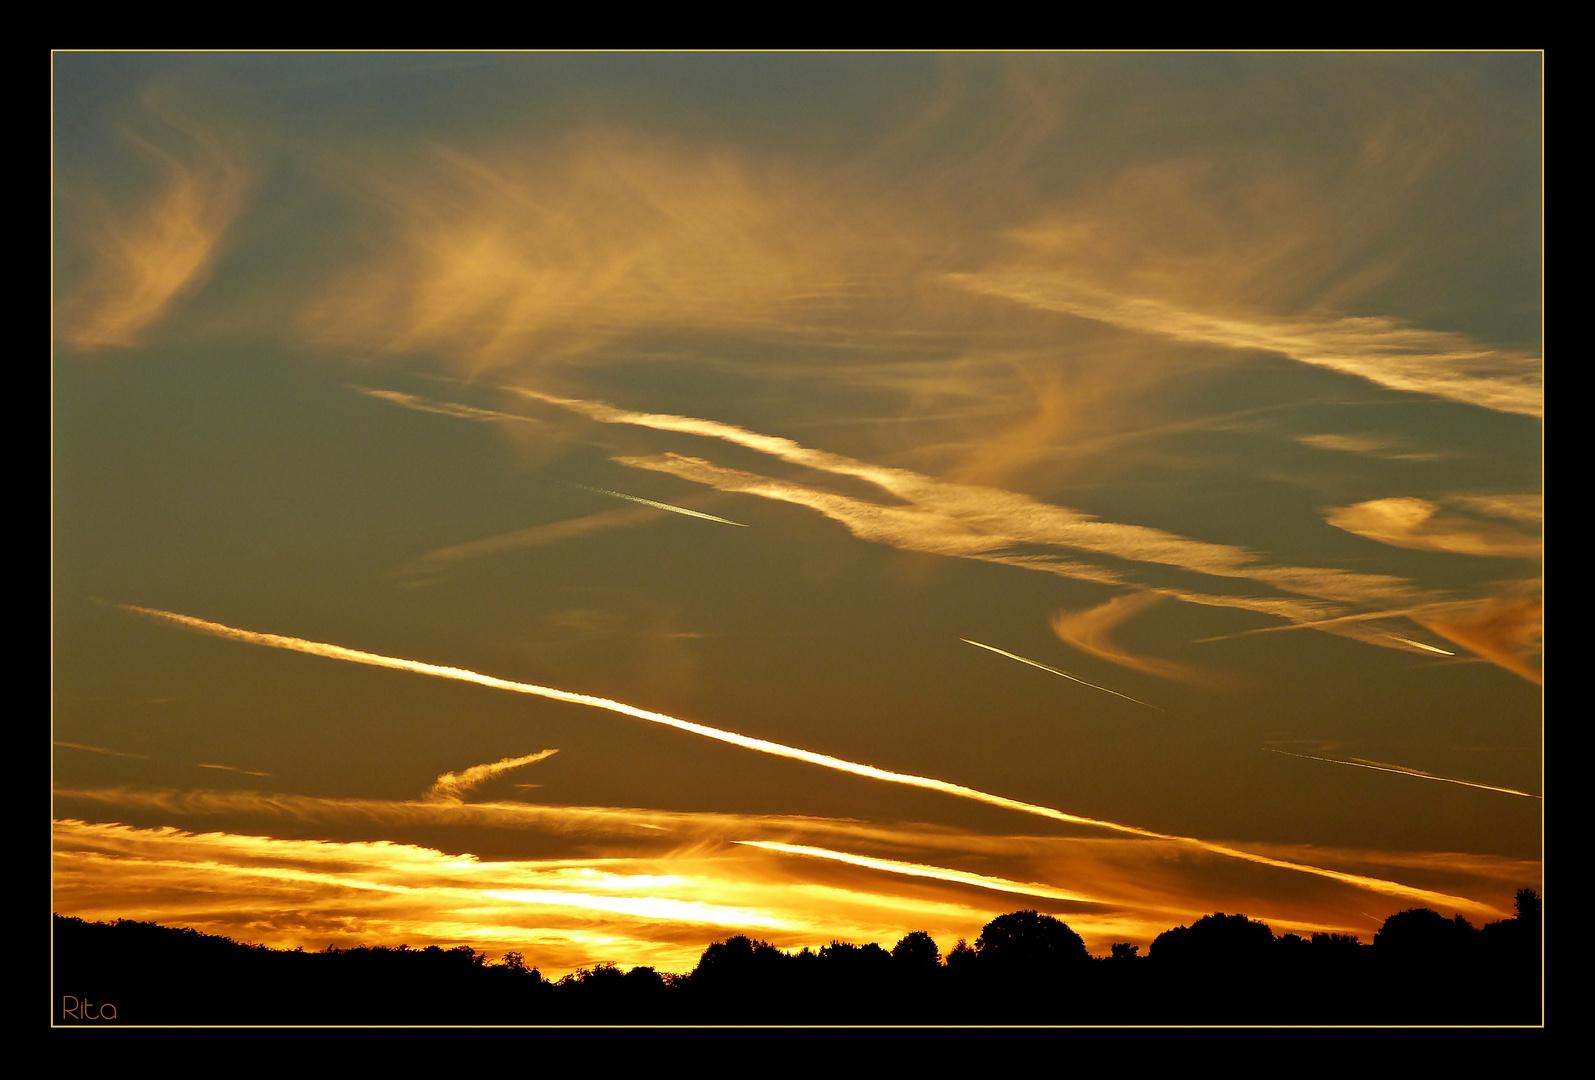 die Faszination Sonnenuntergang...